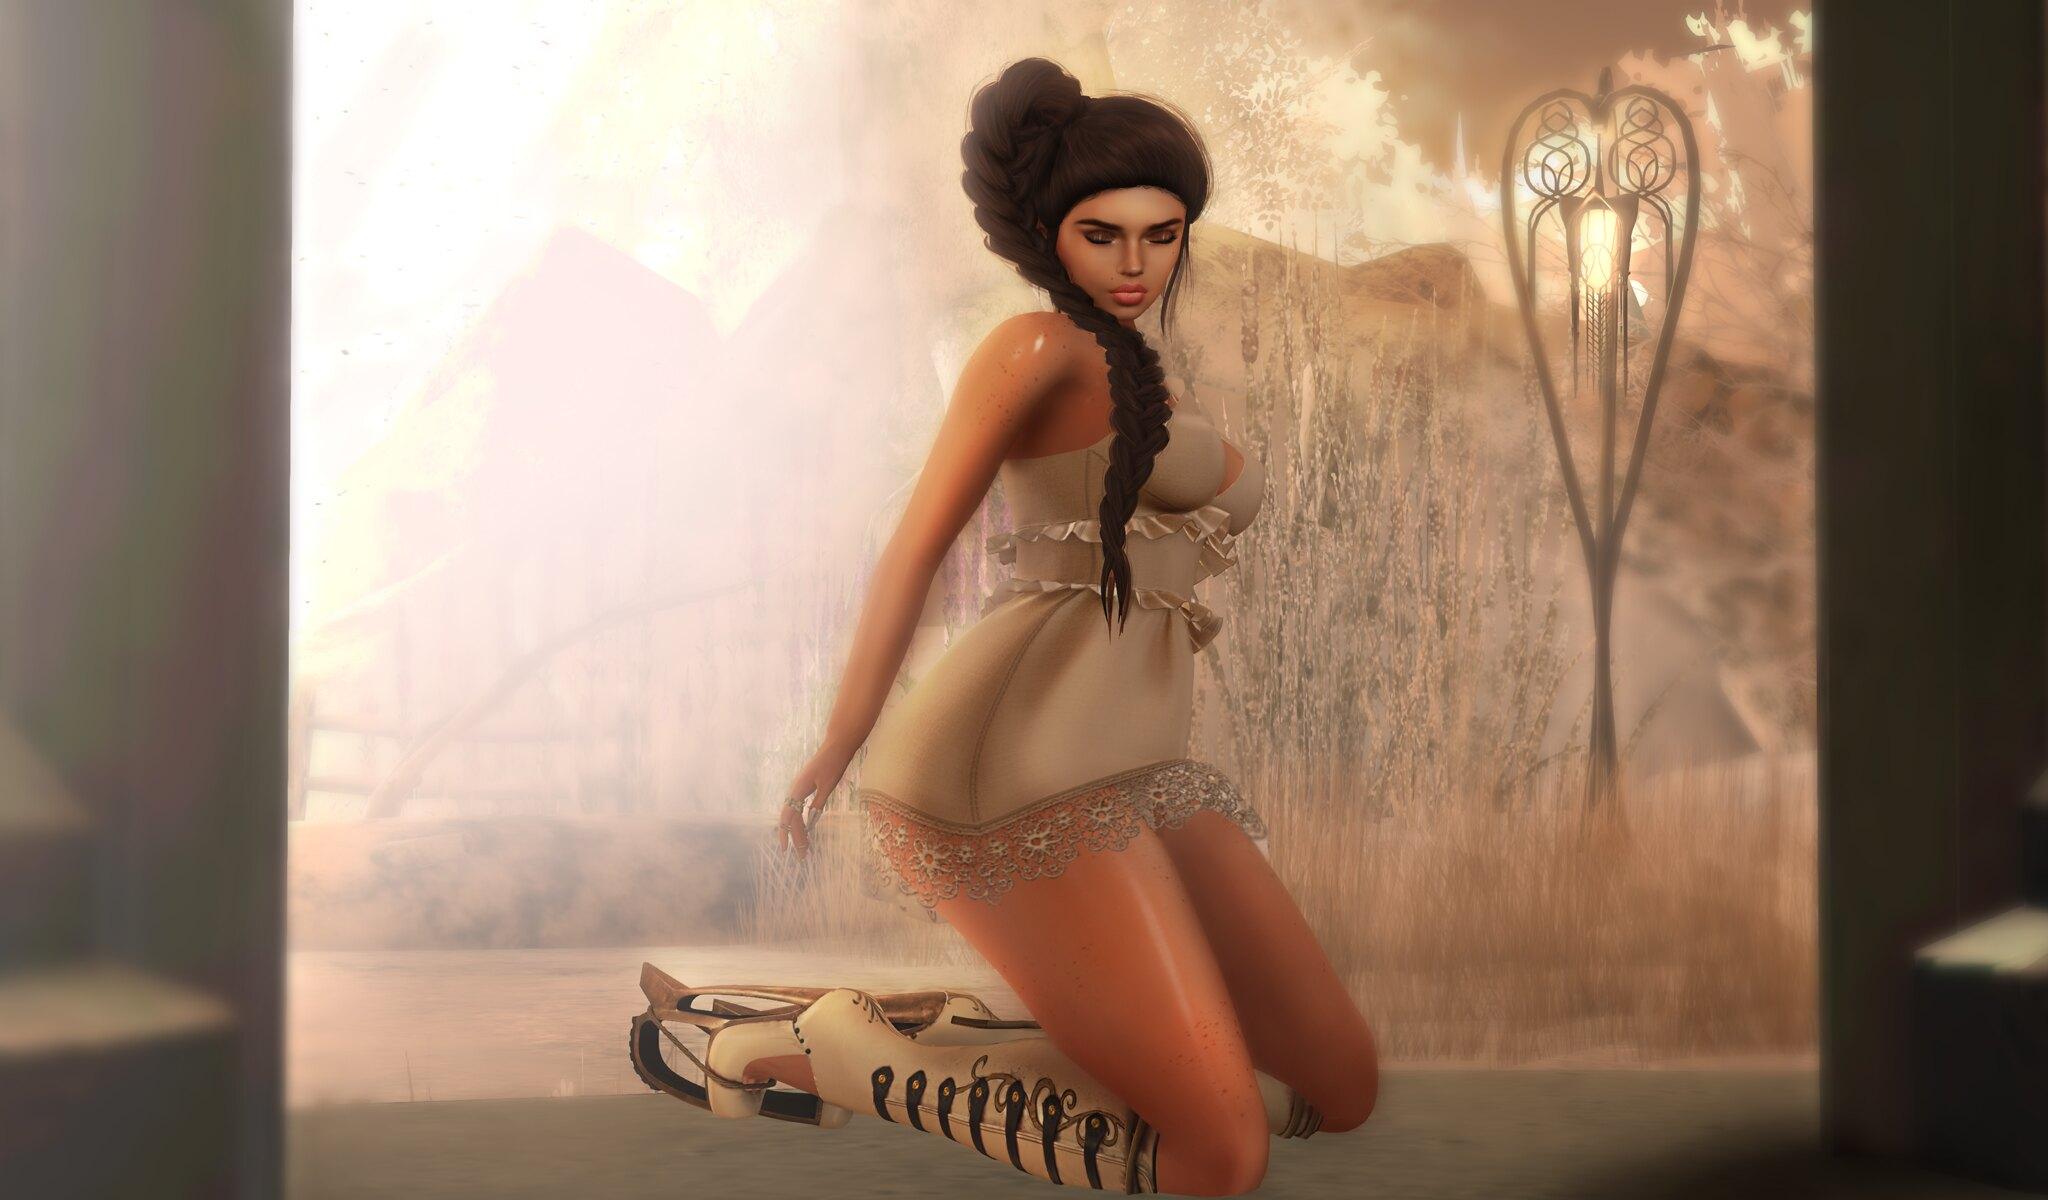 -246- A Goddess's Redemption